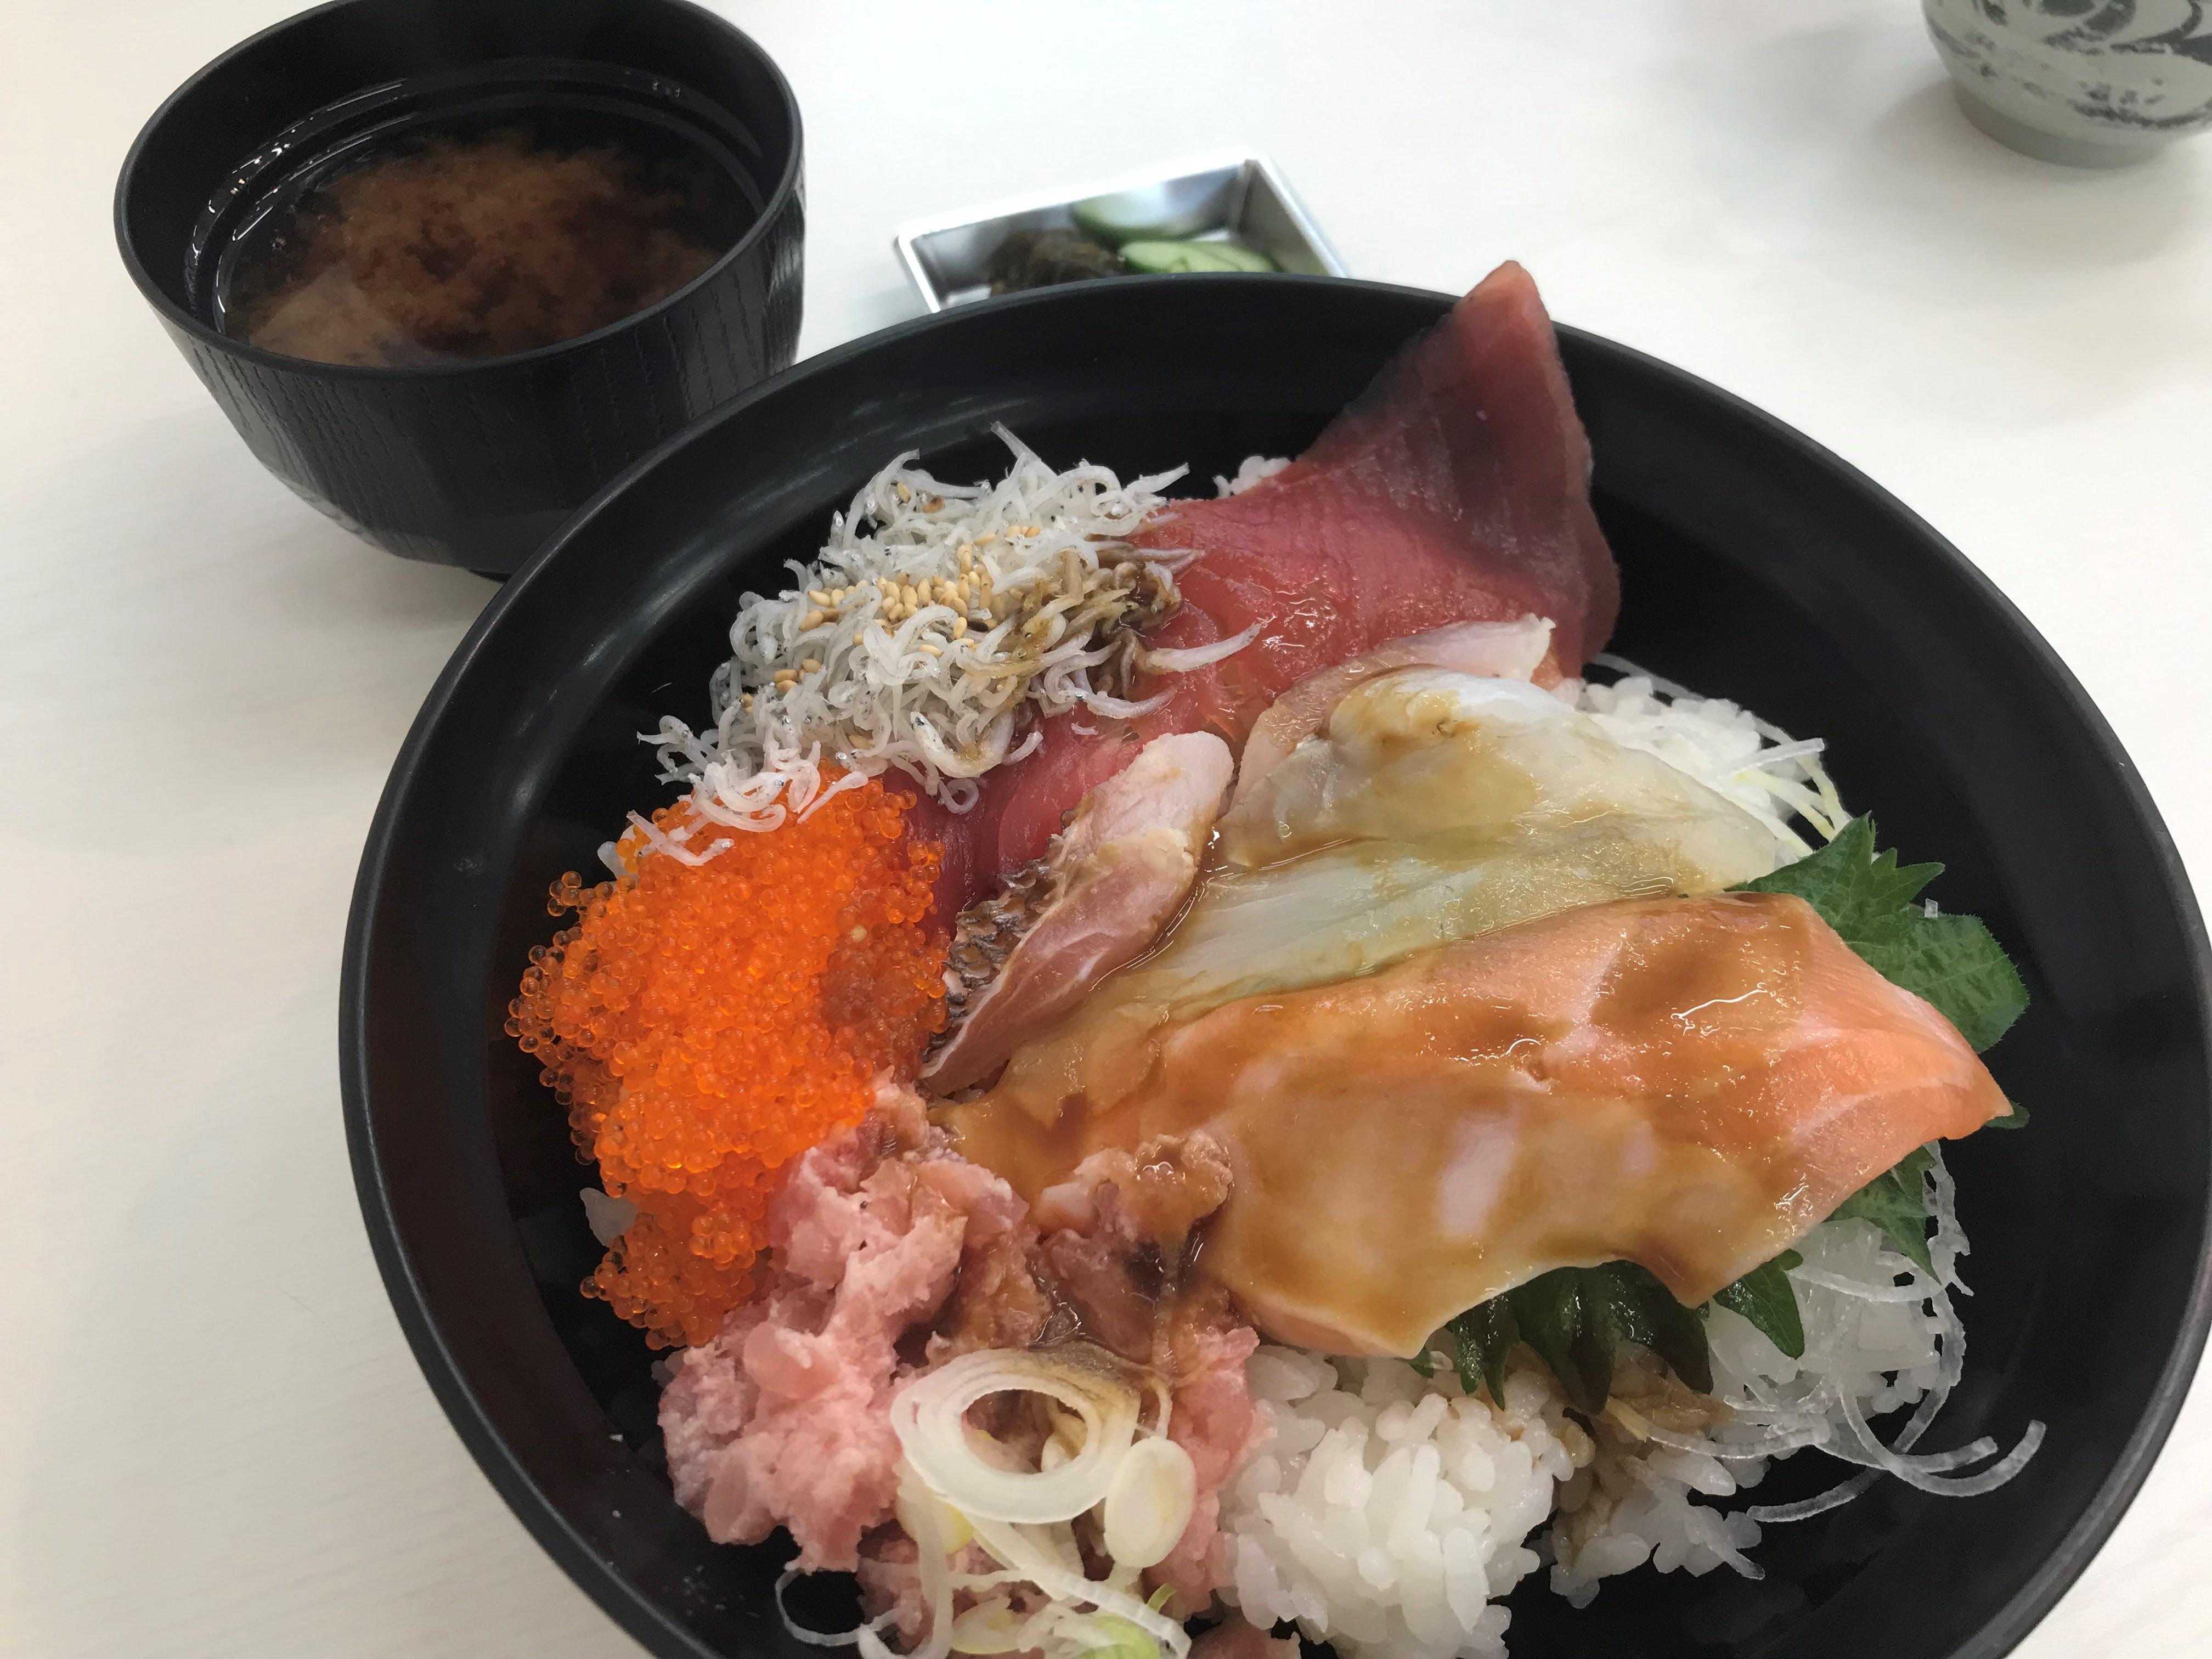 竹島ファンタジー館海鮮まんぷく丼